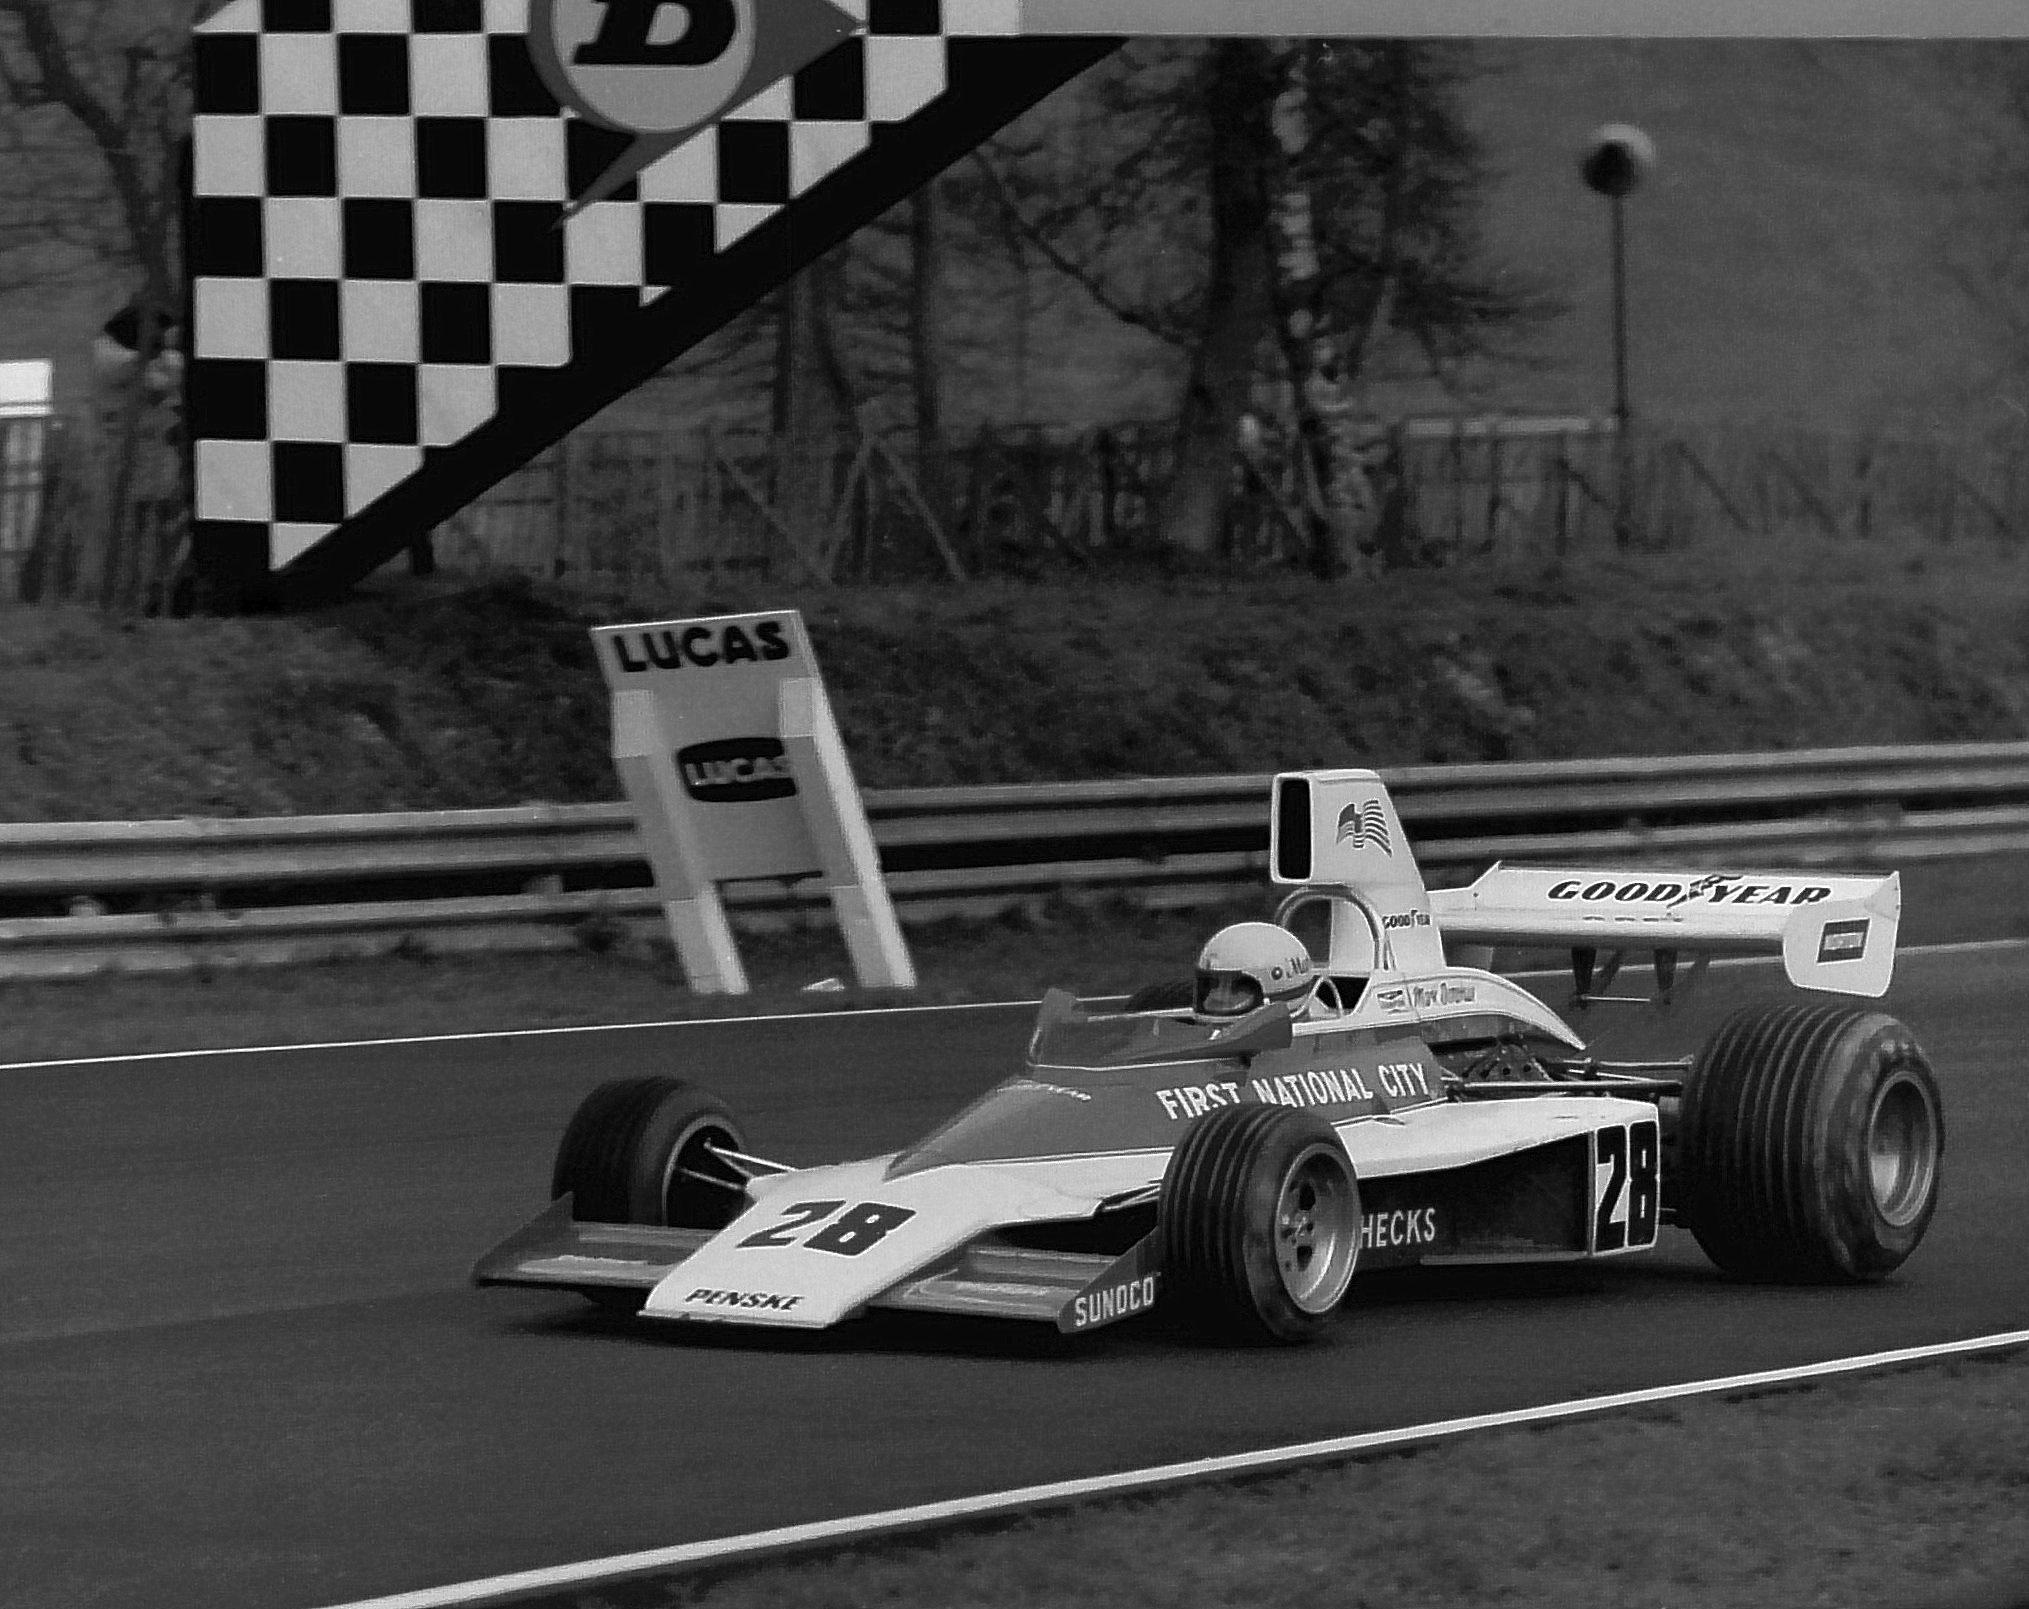 Mark Donohue i sin Penske PC1, som ikke ble noen stor suksess i Formel 1 i 1975. Foto: Wikipedia